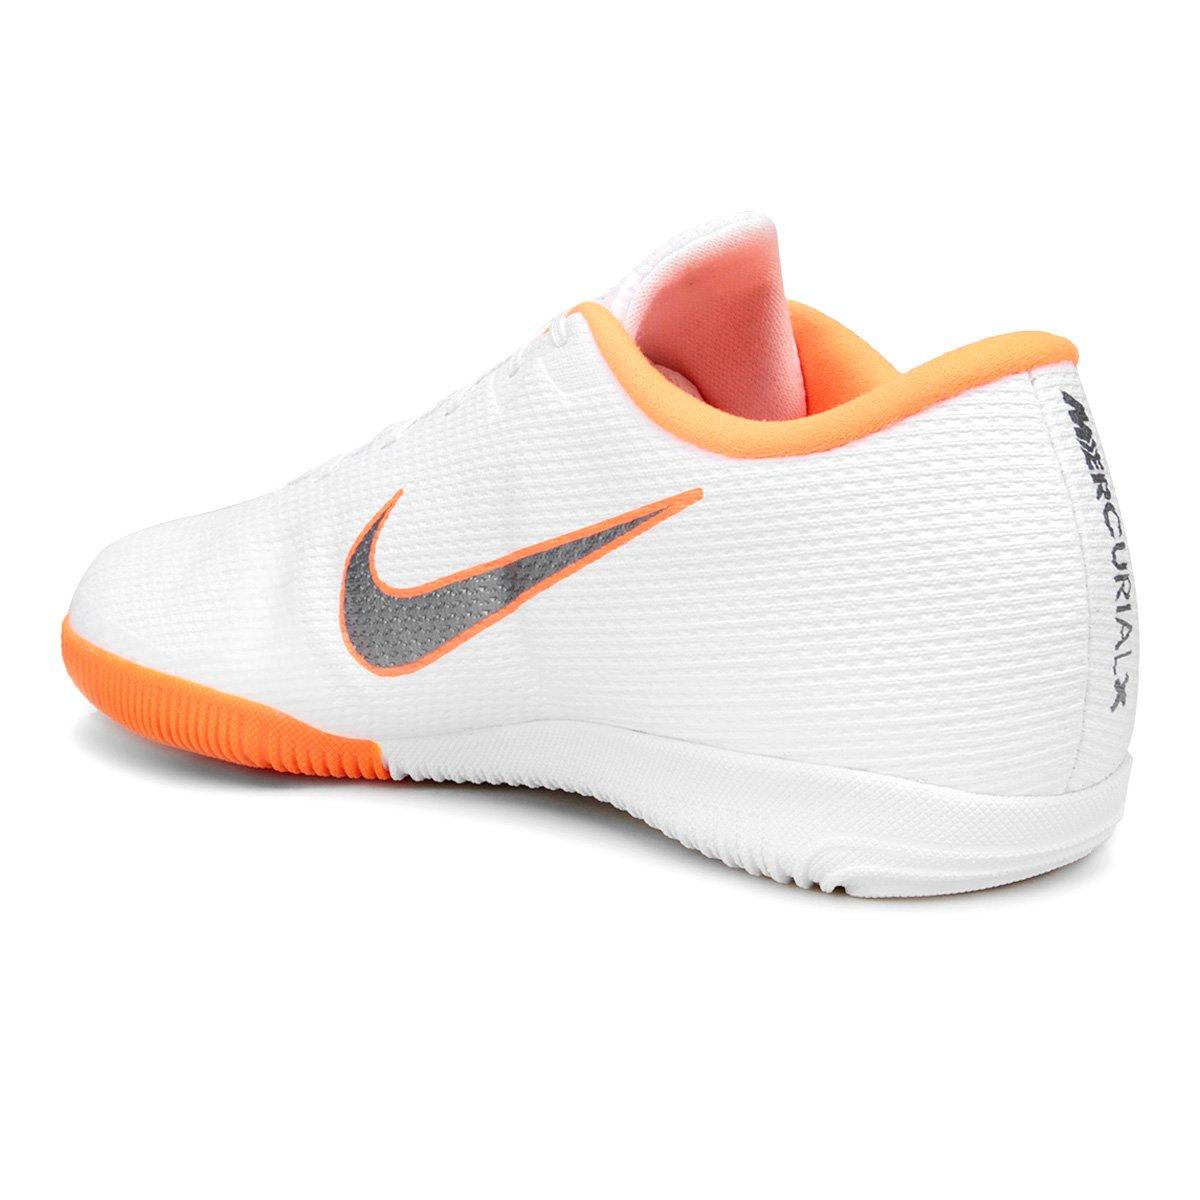 Chuteira Futsal Nike Mercurial Vapor 12 Academy - Branco e Cinza ... e61a17e278f09